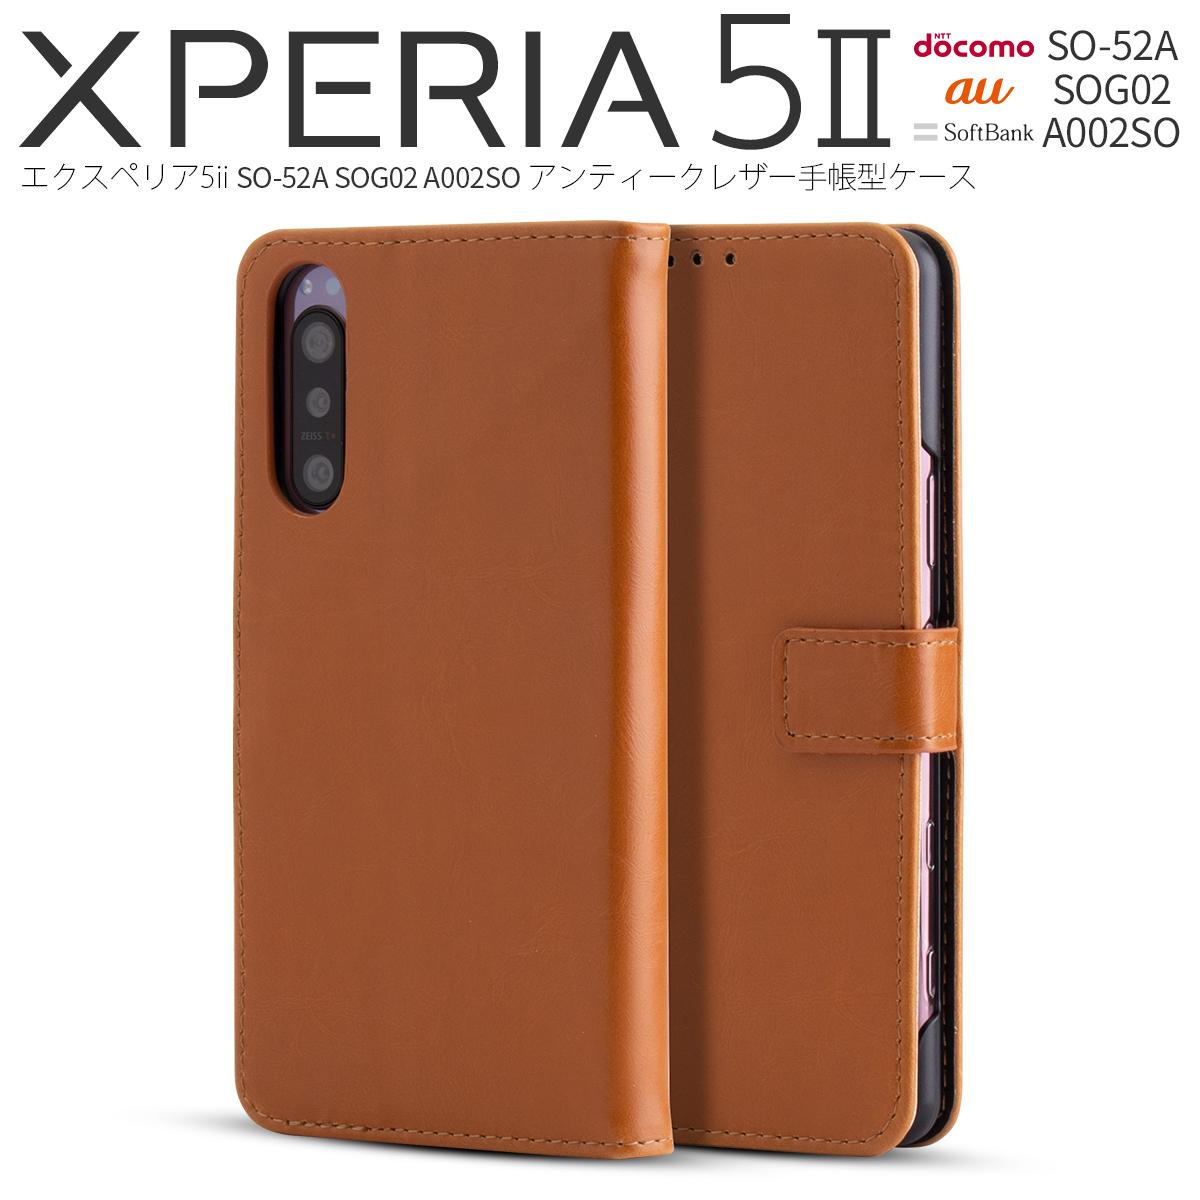 Xperia 5 II SO-52A SOG02 A002SO アンティークレザー手帳型ケース